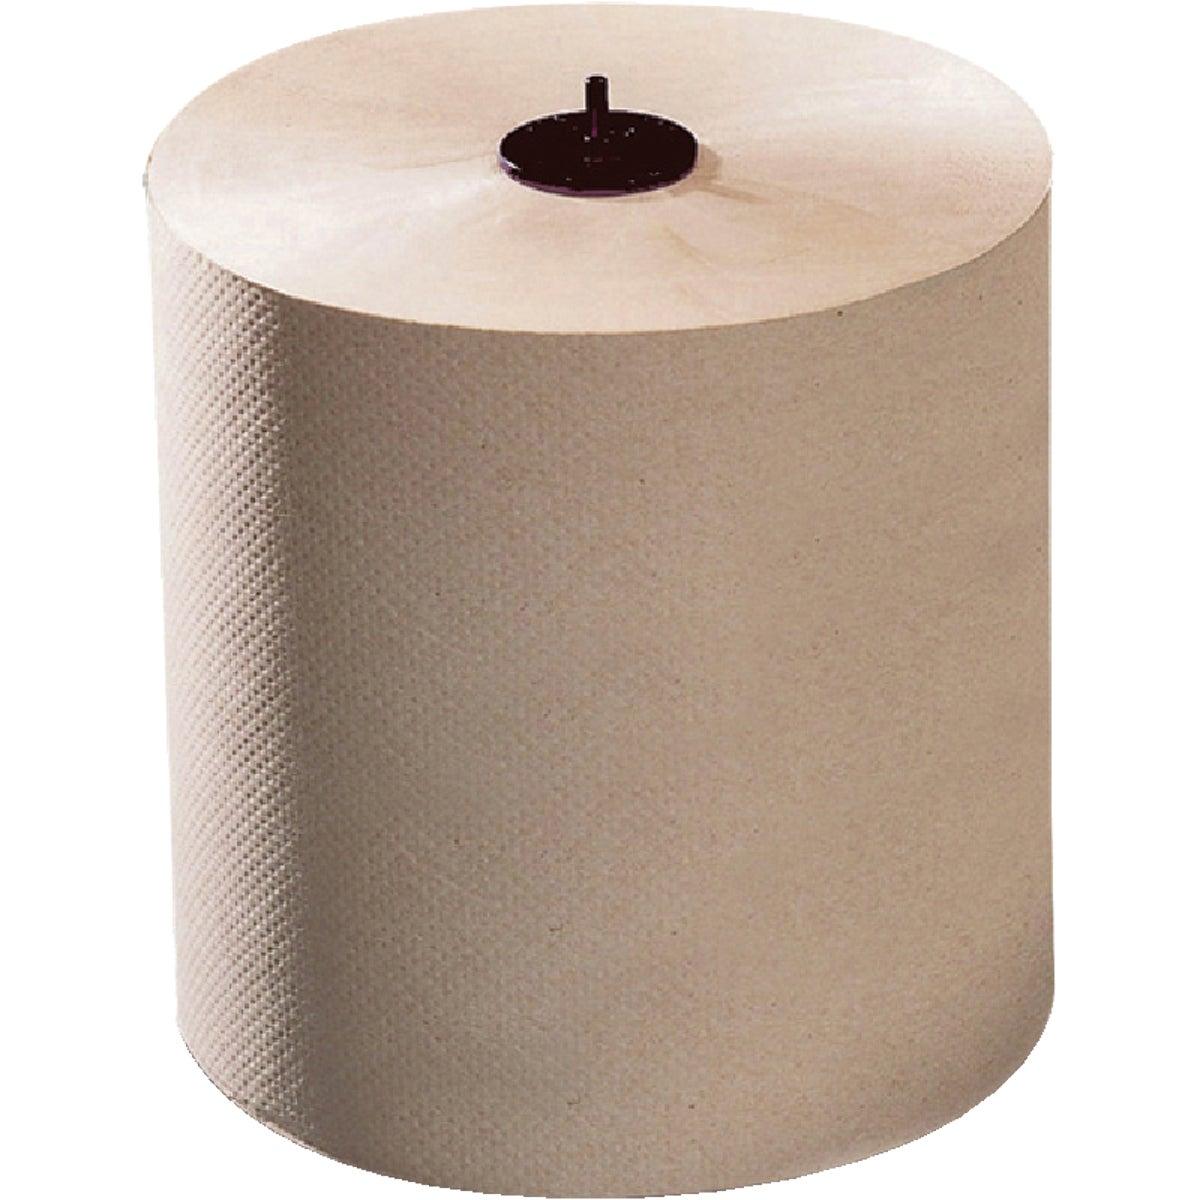 Brown Roll Towel